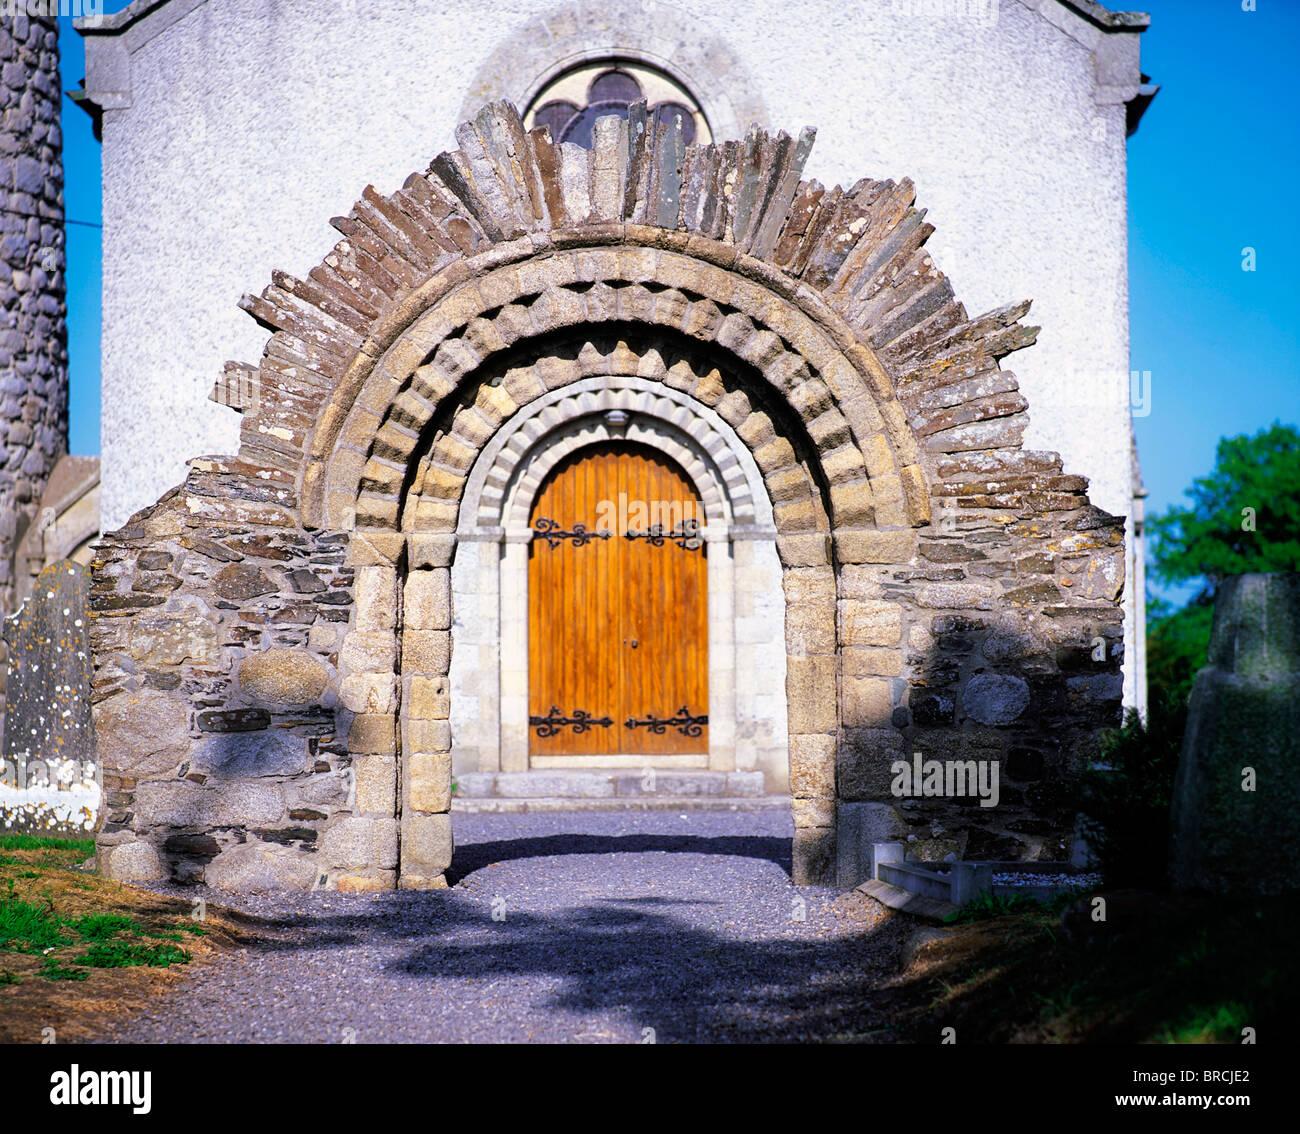 Castledermot, Co Kildare, Ireland, Reconstructed Romanesque Doorway - Stock Image